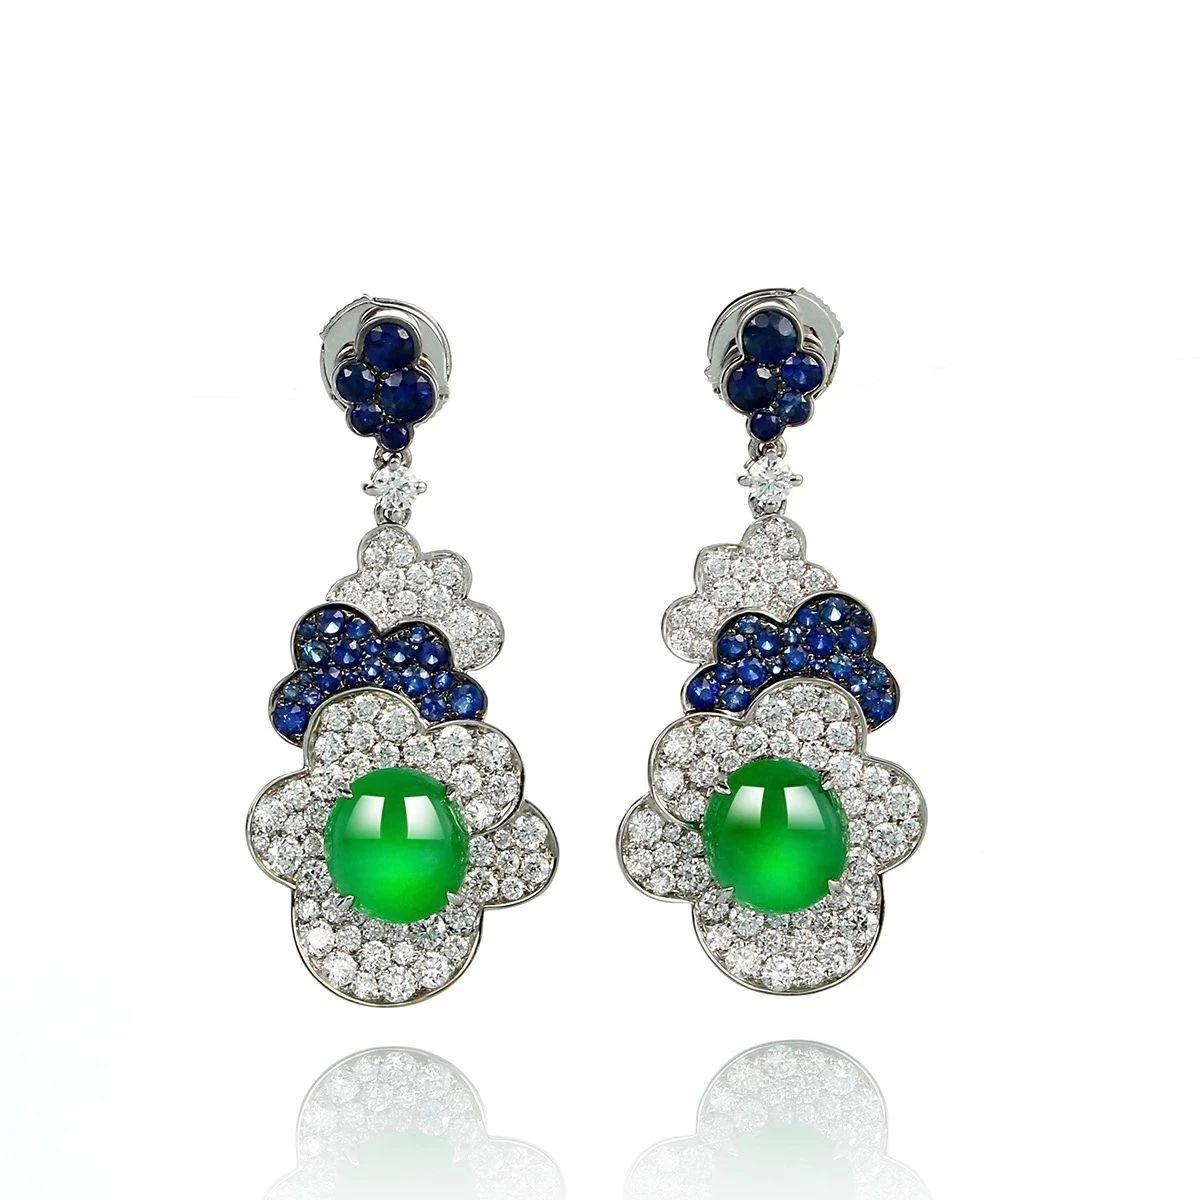 当代设计珠宝拍卖专场,甄选106件国风作品,火热来袭